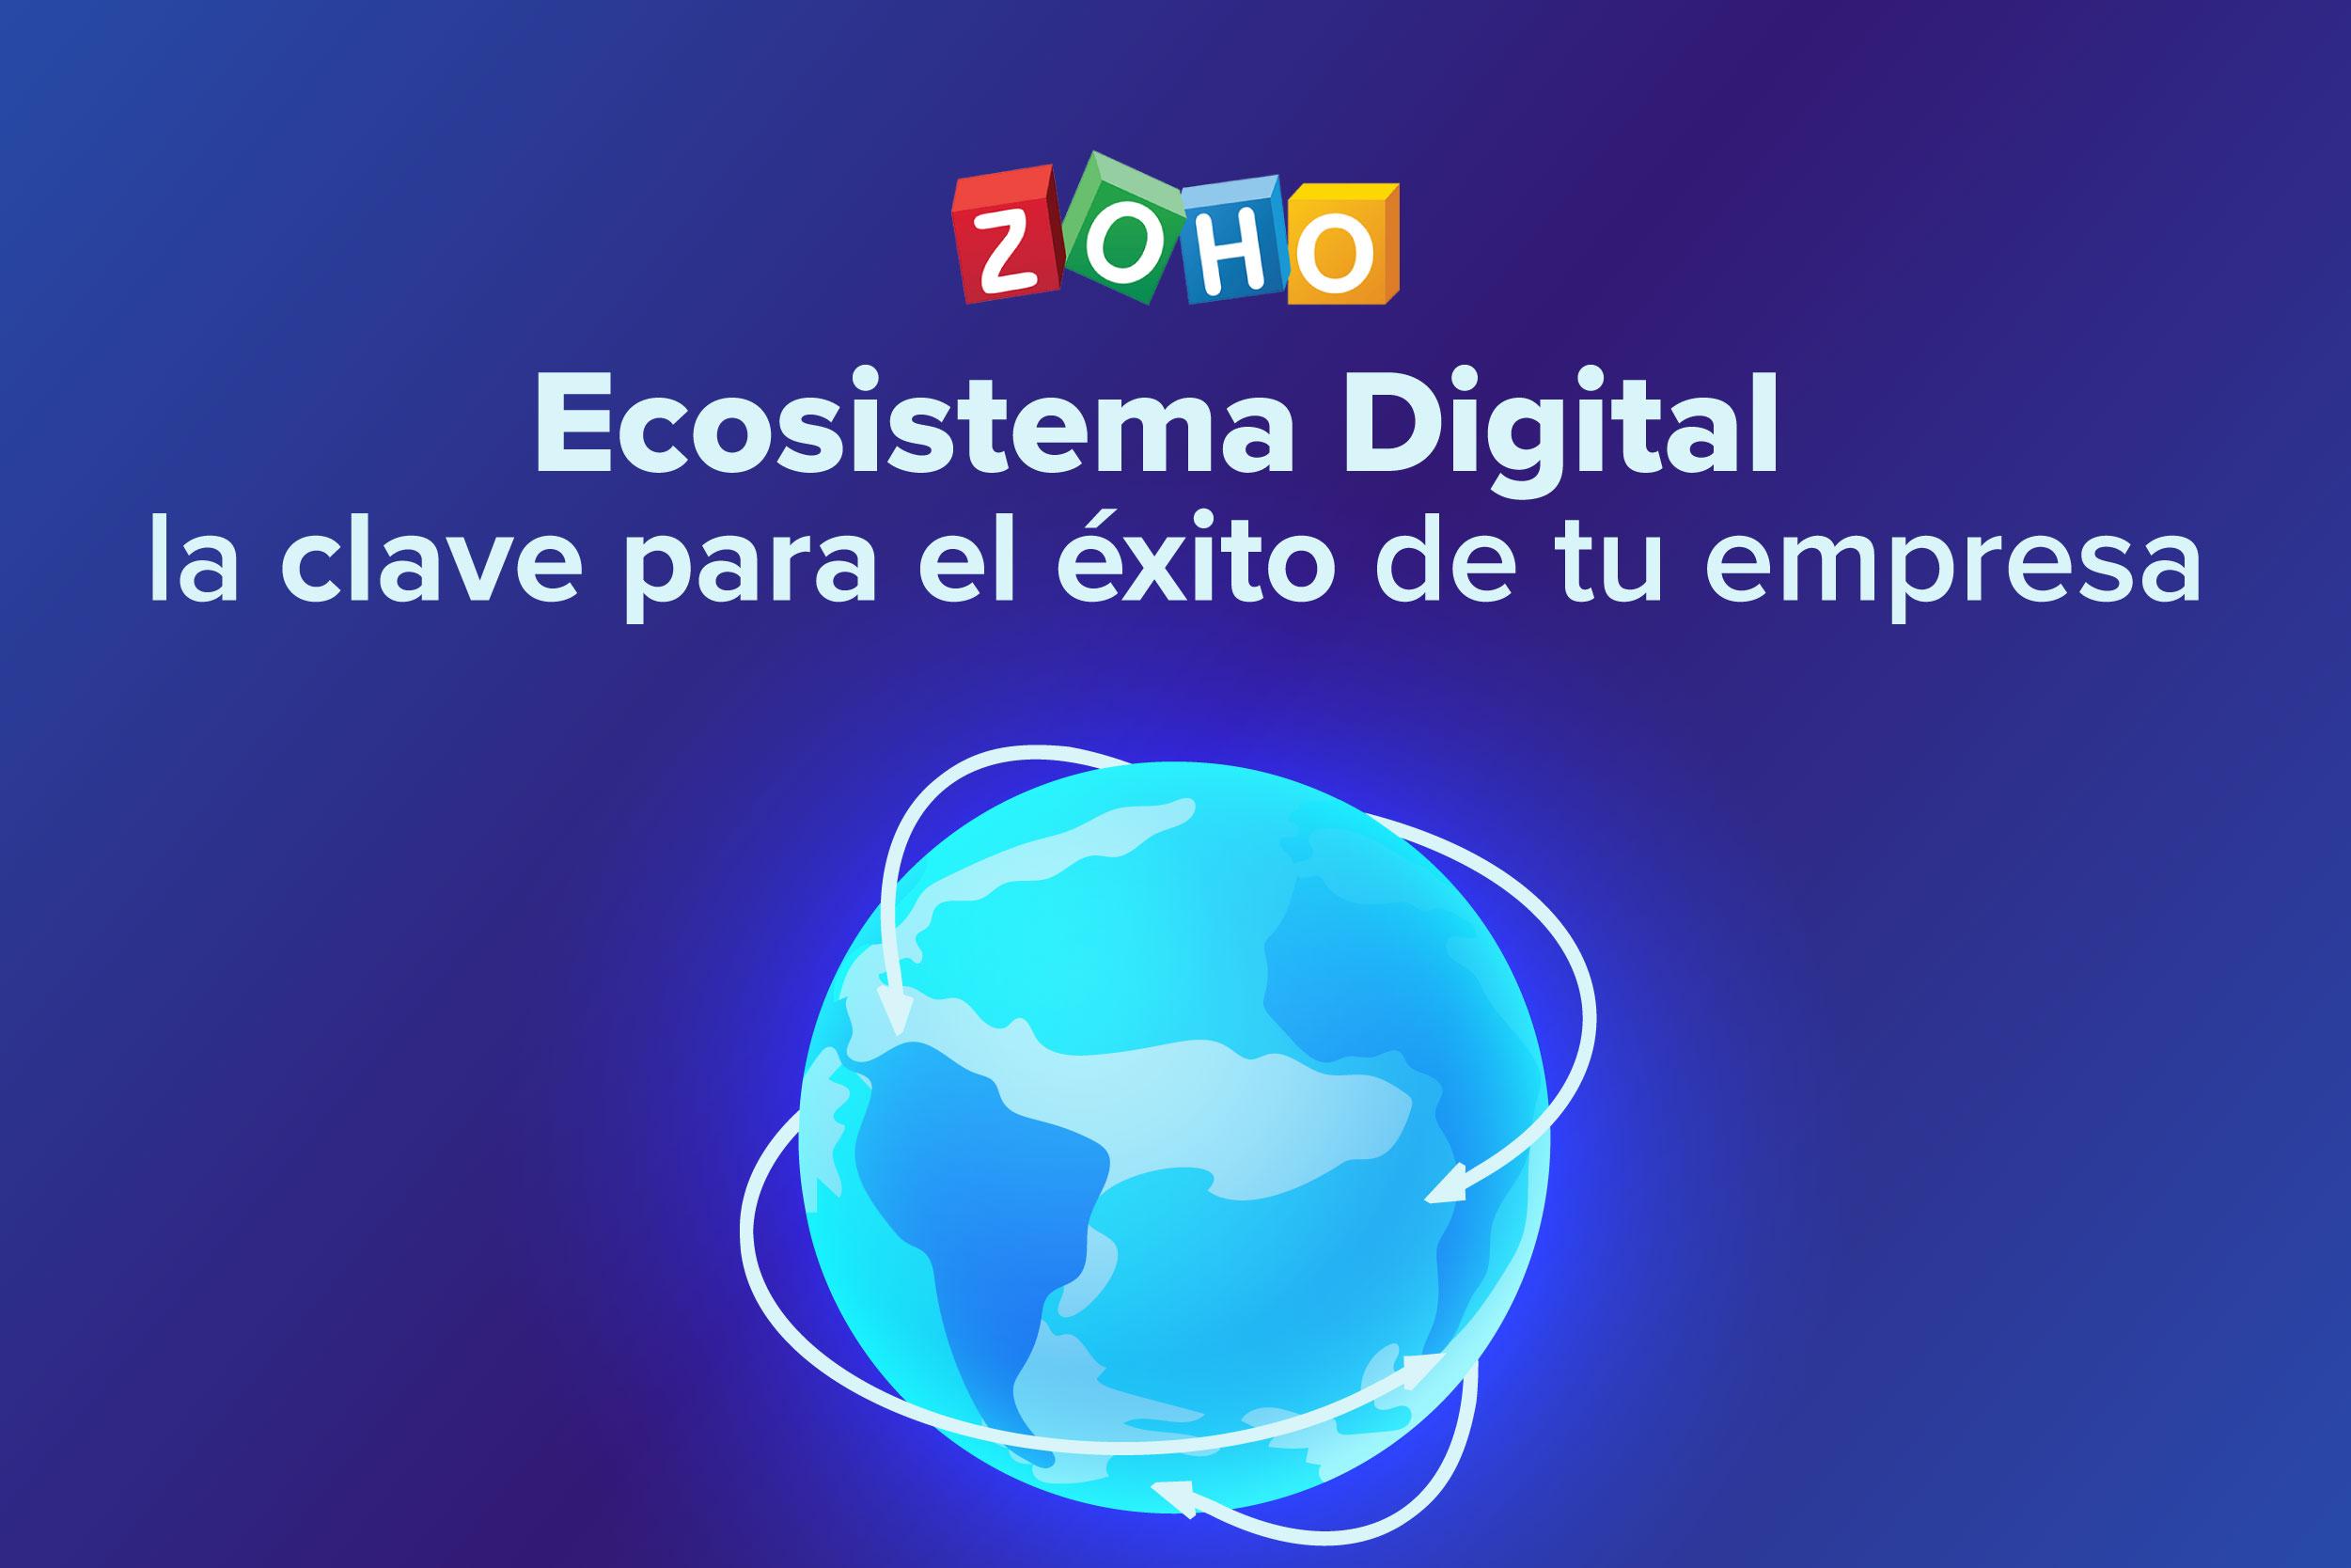 Ecosistema digital: la clave para el éxito de tu empresa